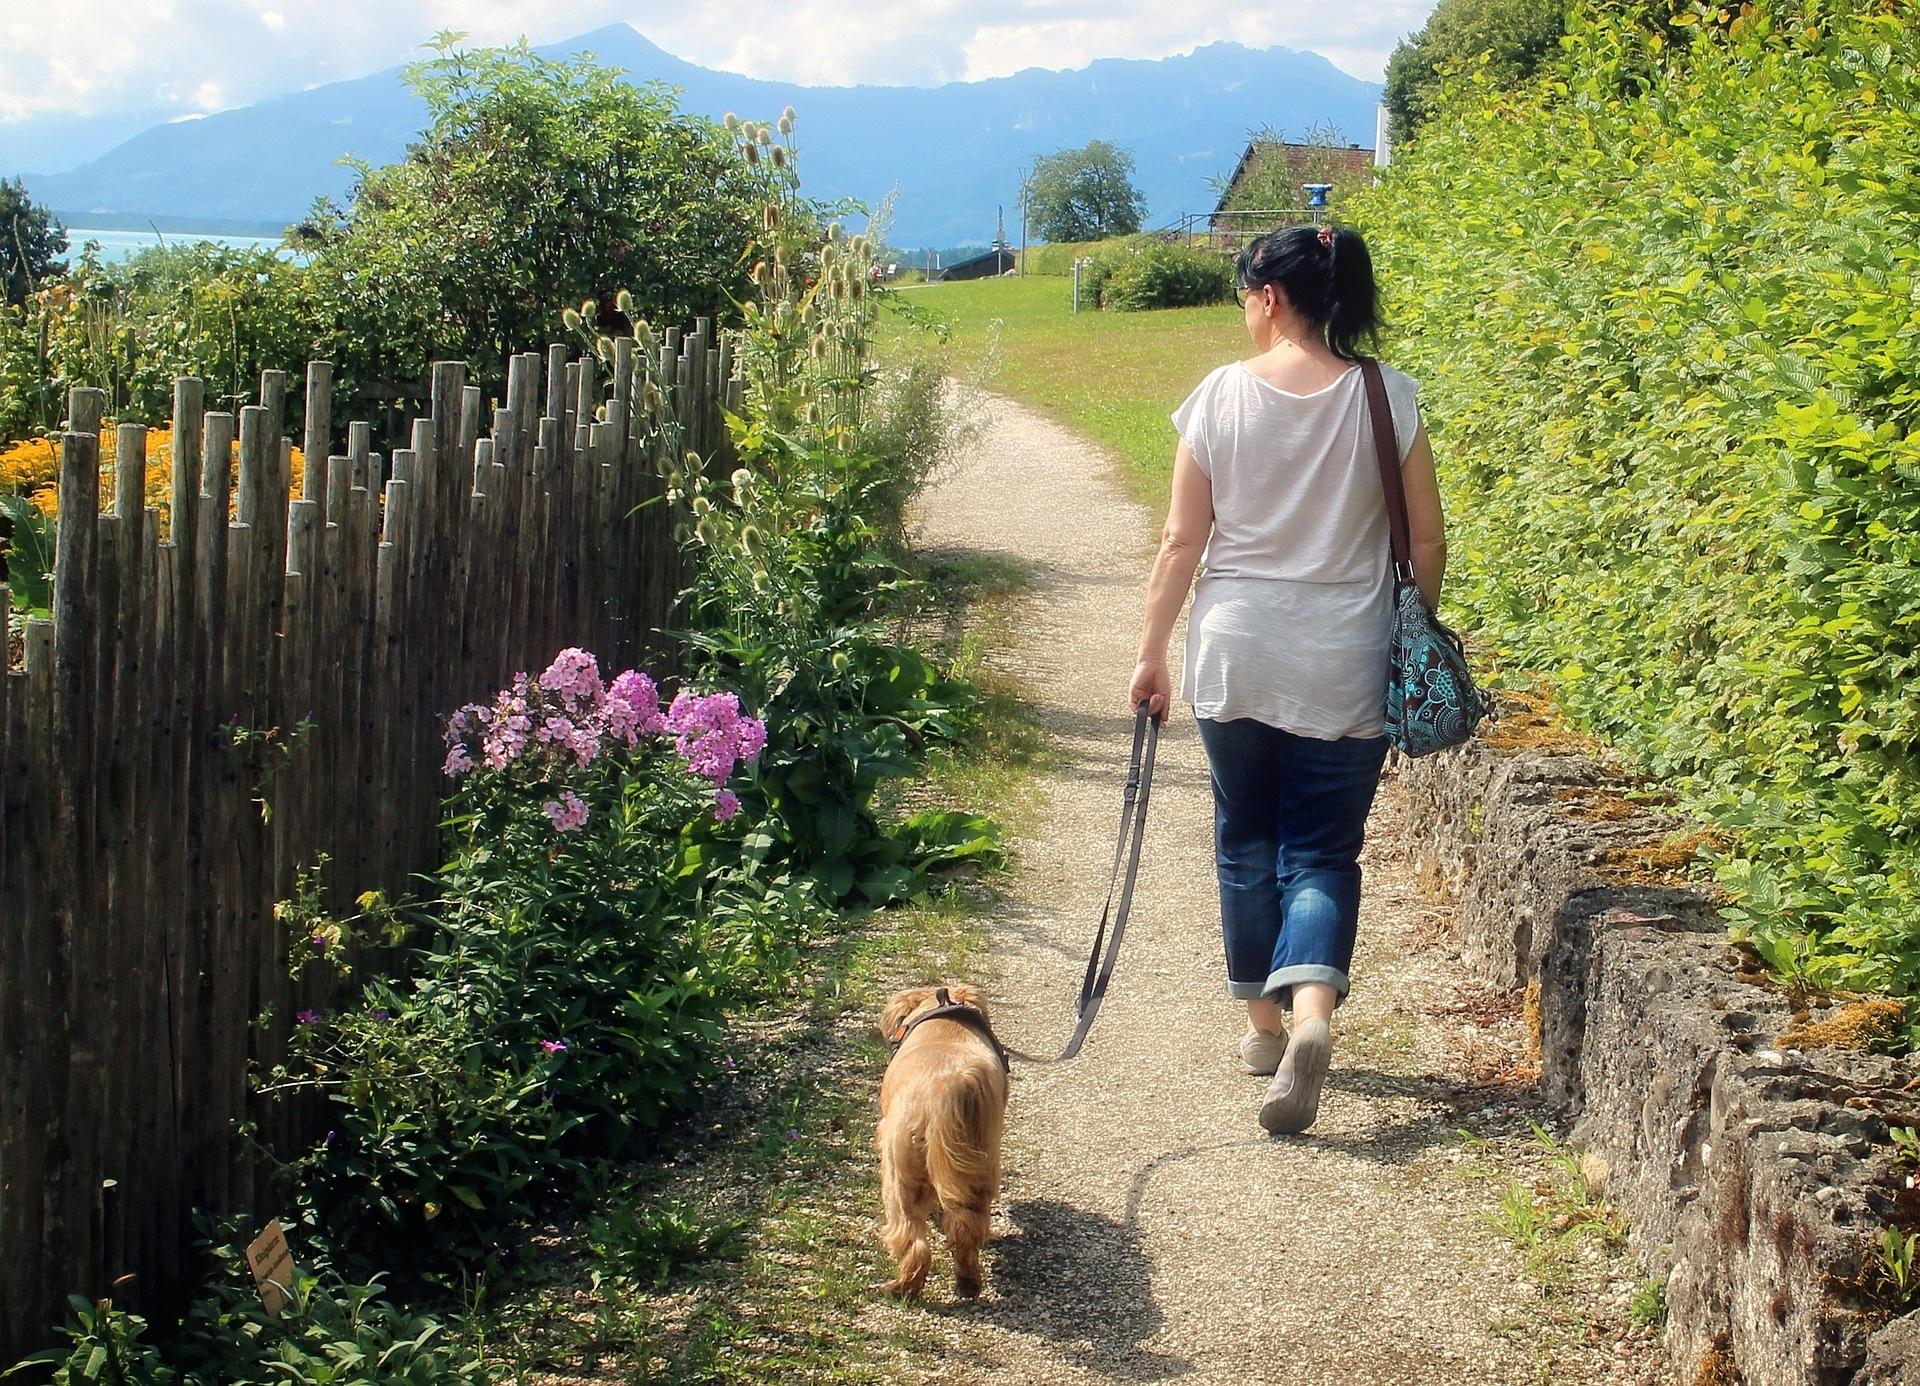 Eine Frau geht mit ihrem Hund auf dem Land gassi